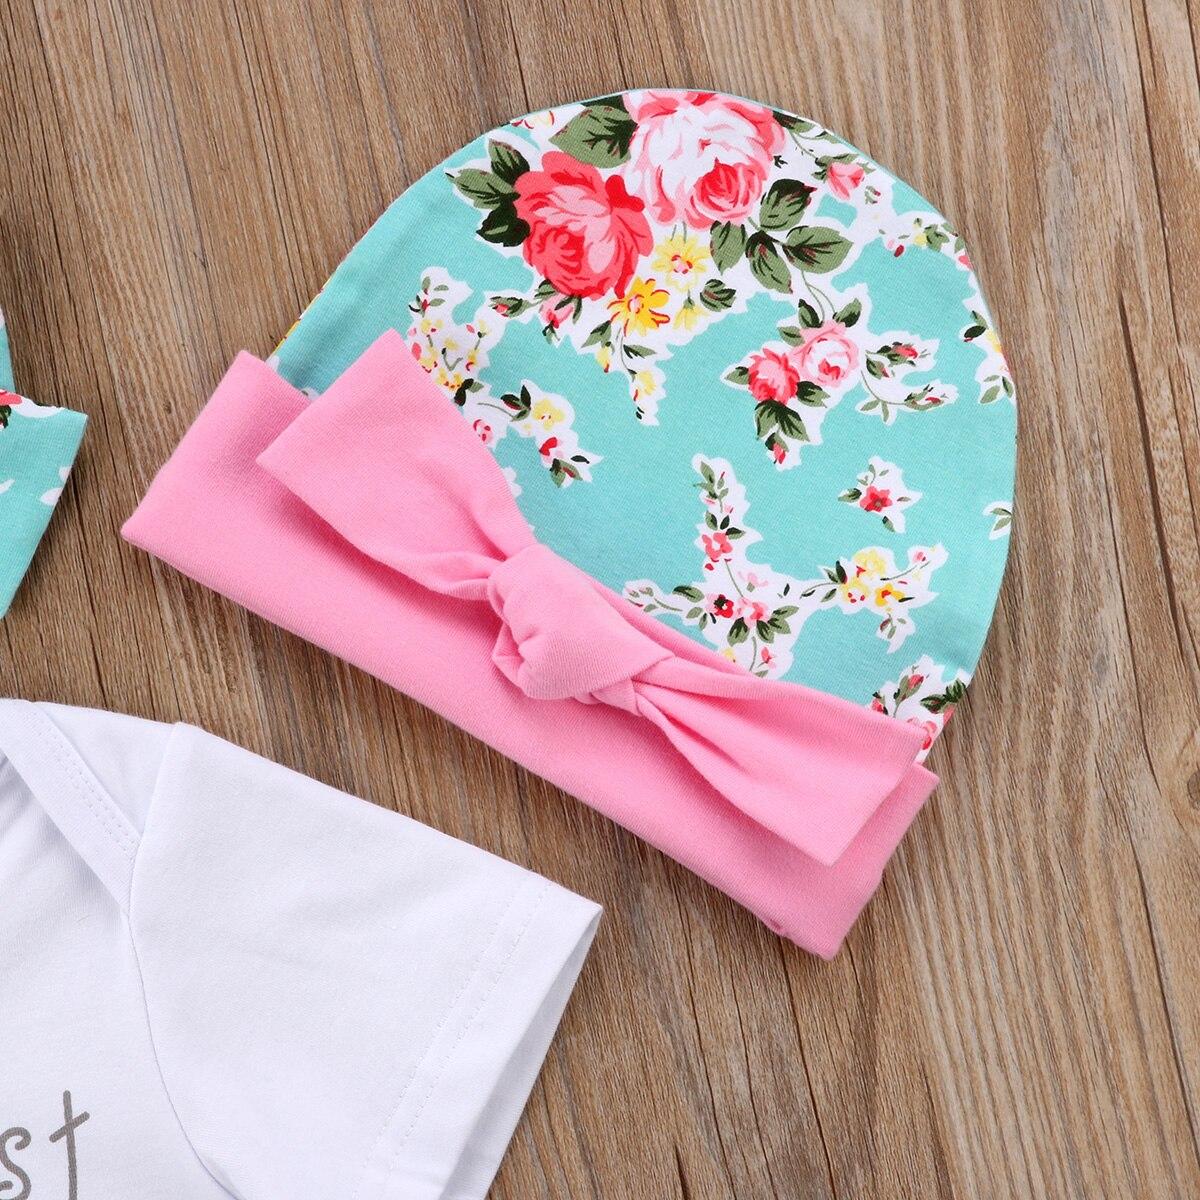 4PCS Infant Newborn kids Baby Girls Letter Print Romper Jumpsuit Playsuit+Fruit Print Pants Hat Headband Clothes Outfit Set